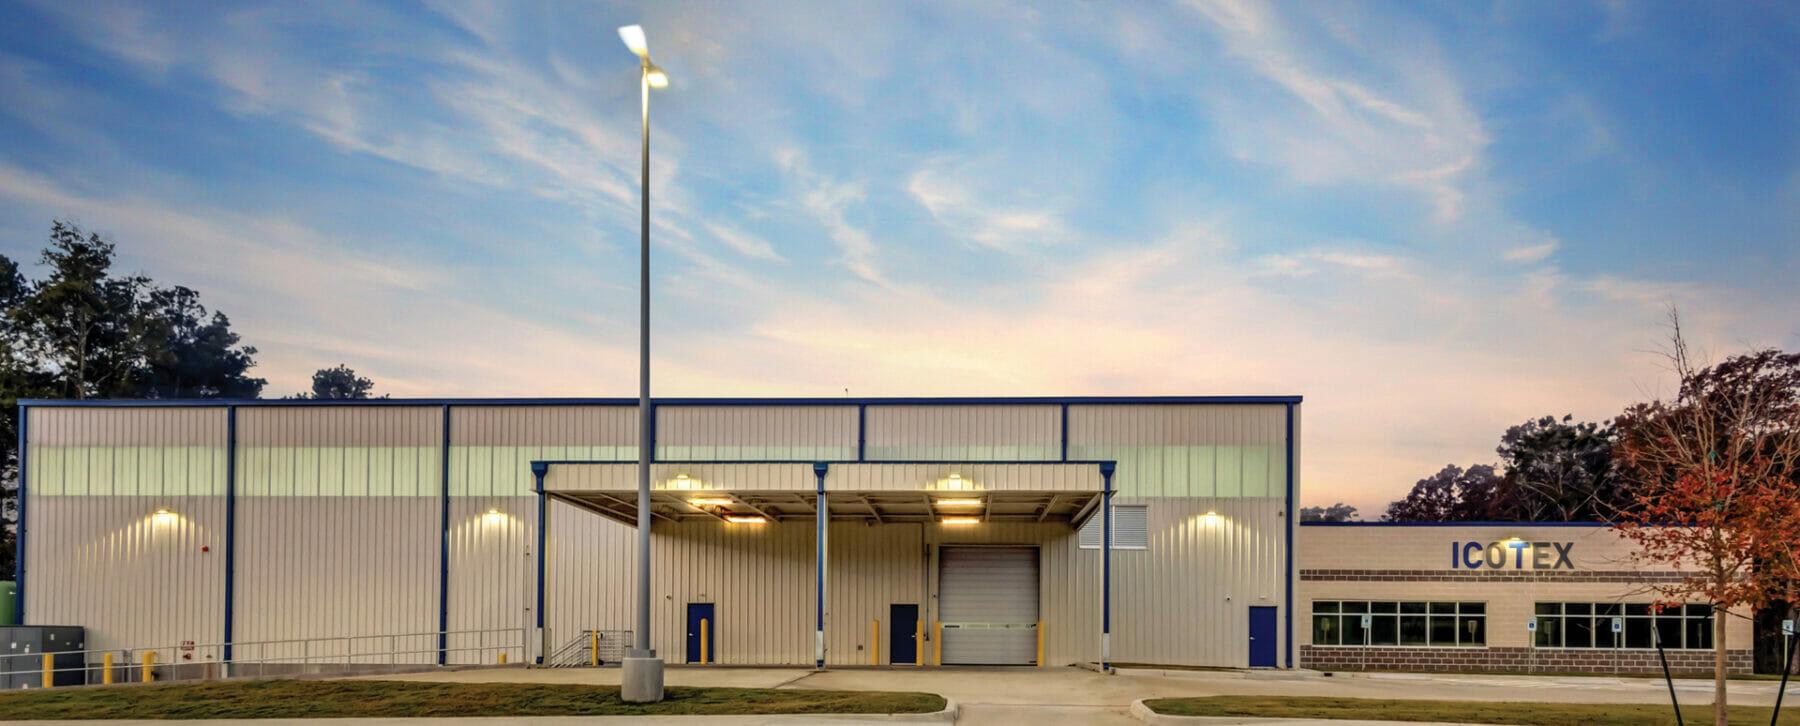 ICOTEX Conroe, TX 6